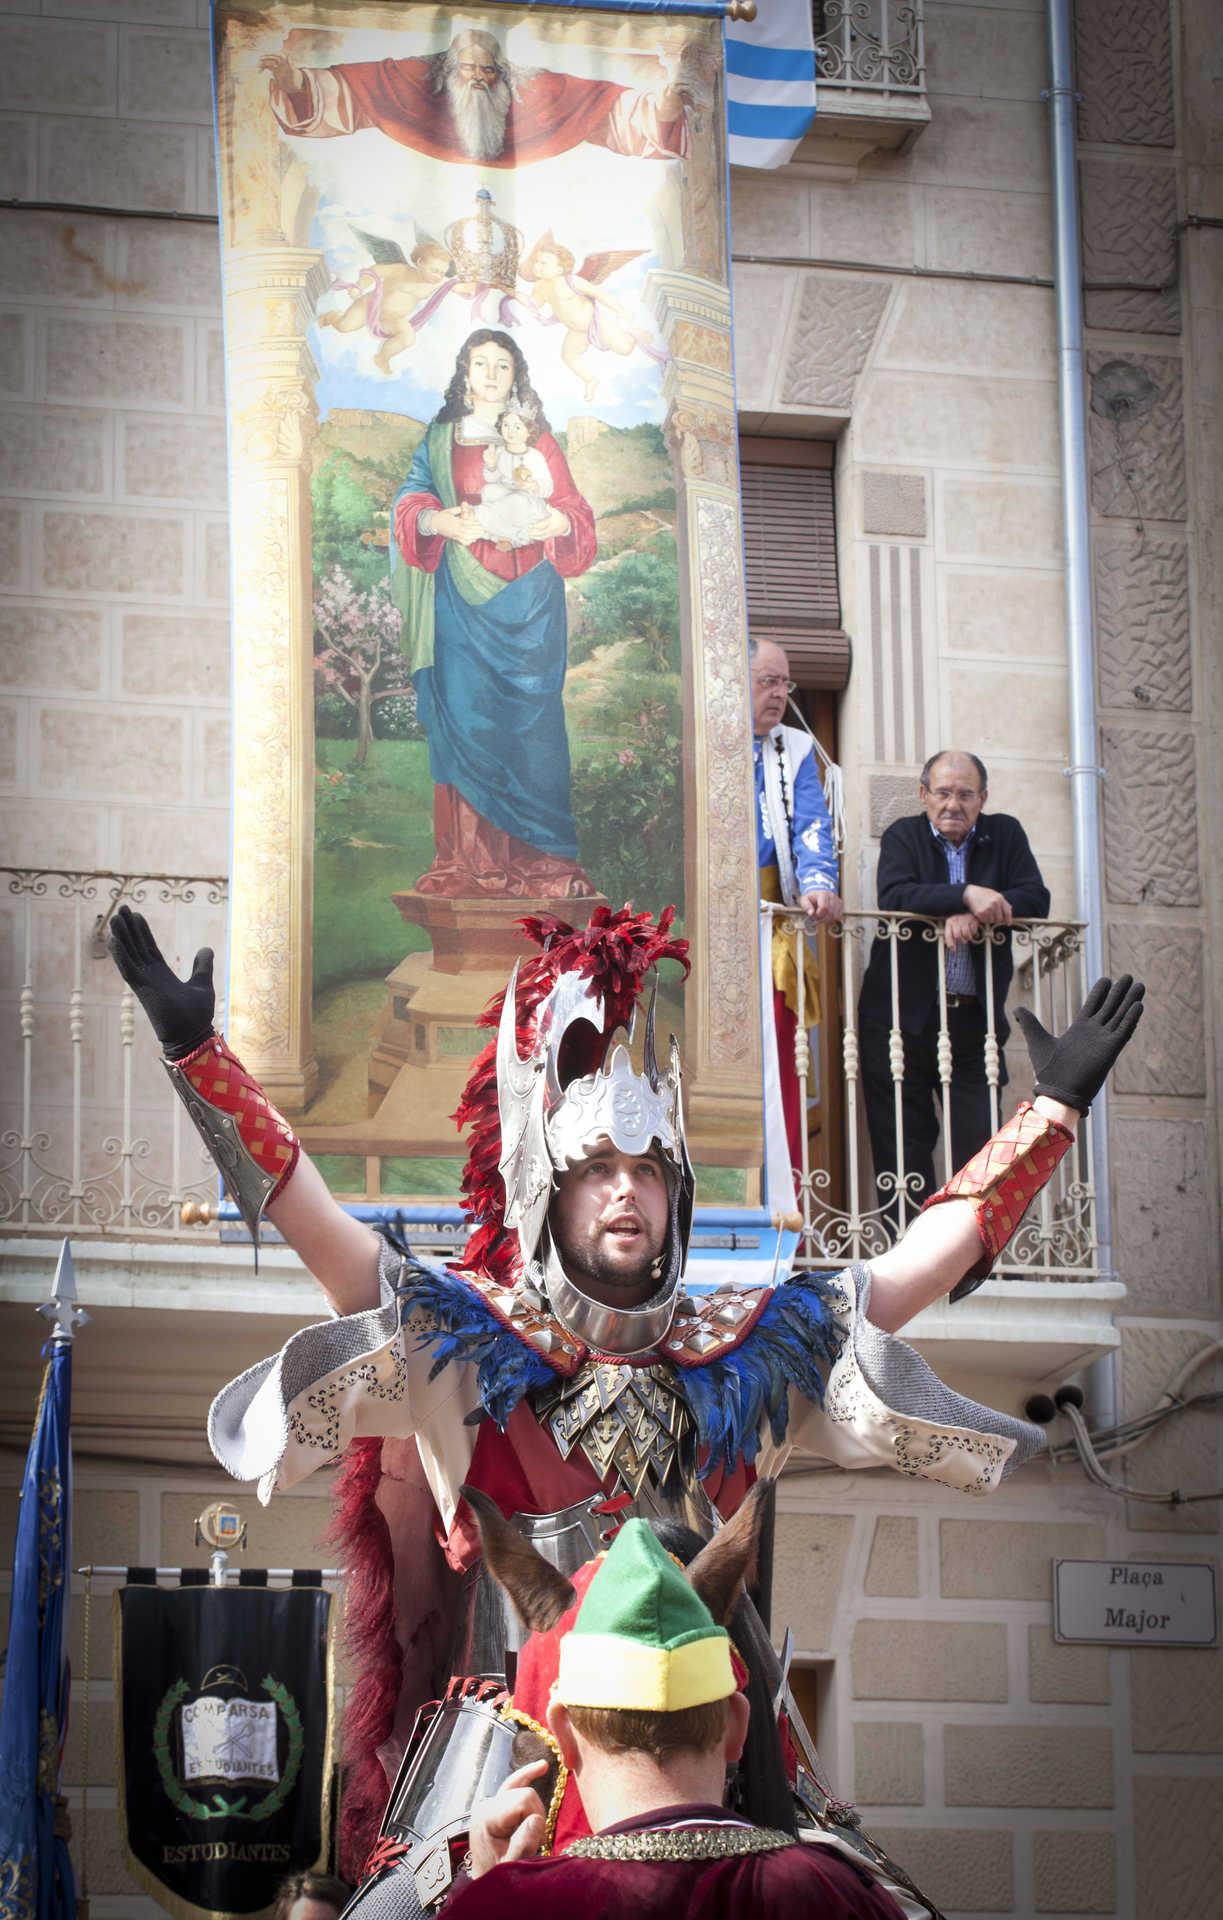 FEST DER MAUREN UND CHRISTEN ZU EHREN DER VIRGEN DE LA SALUD